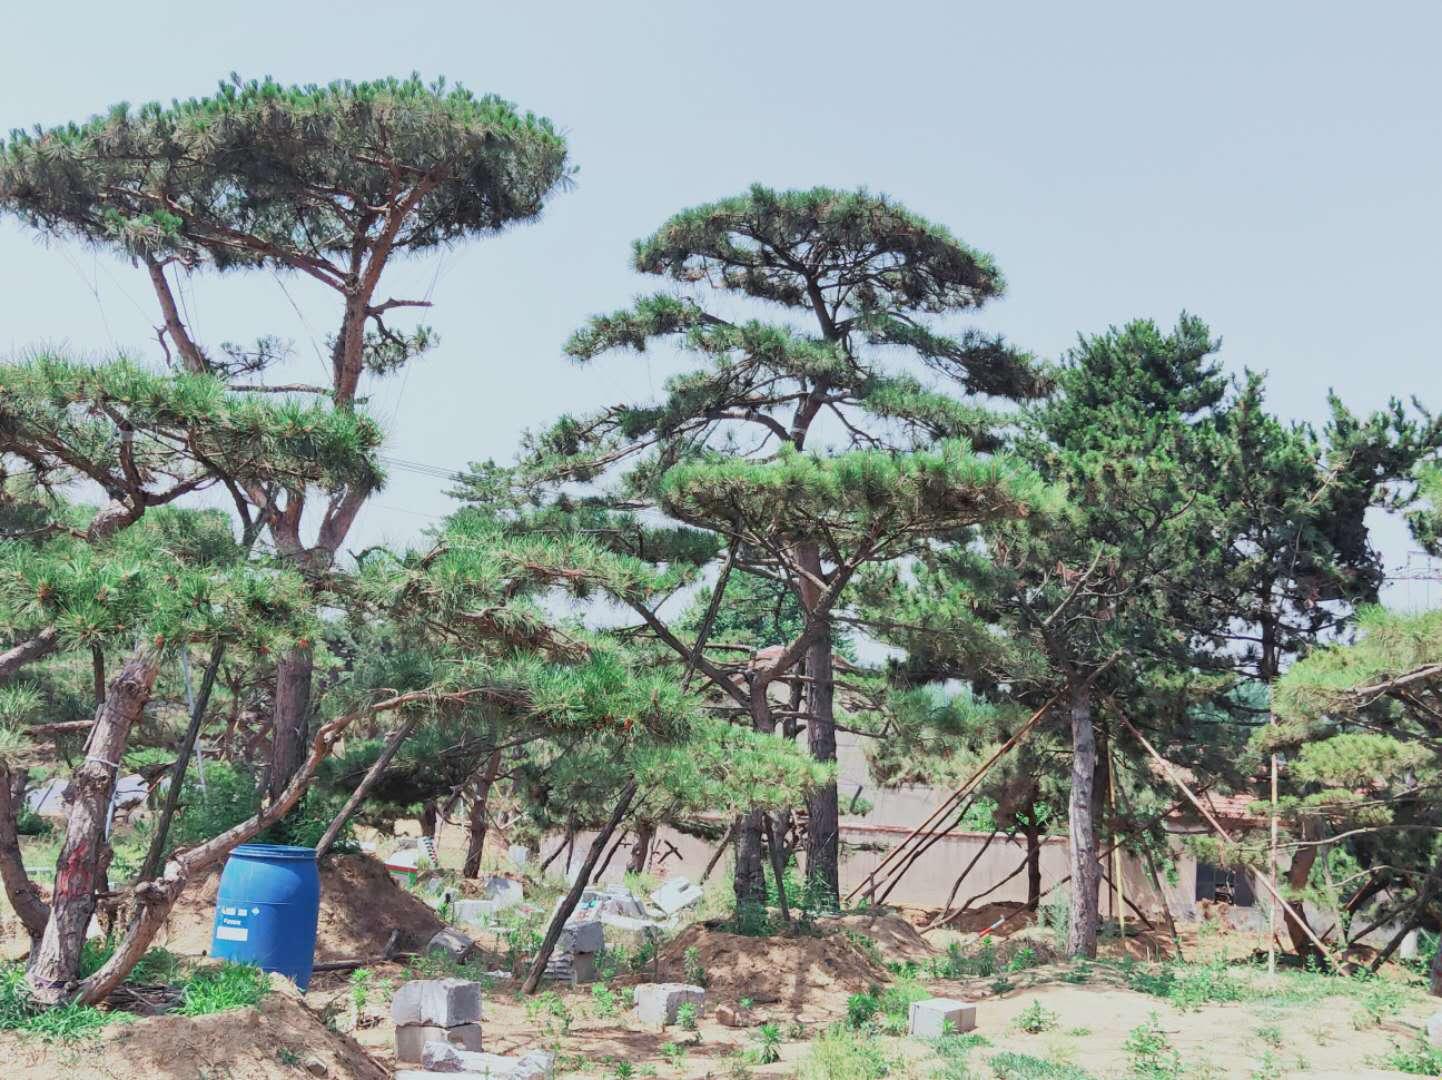 莱芜造型油松移栽时需要带土球移栽